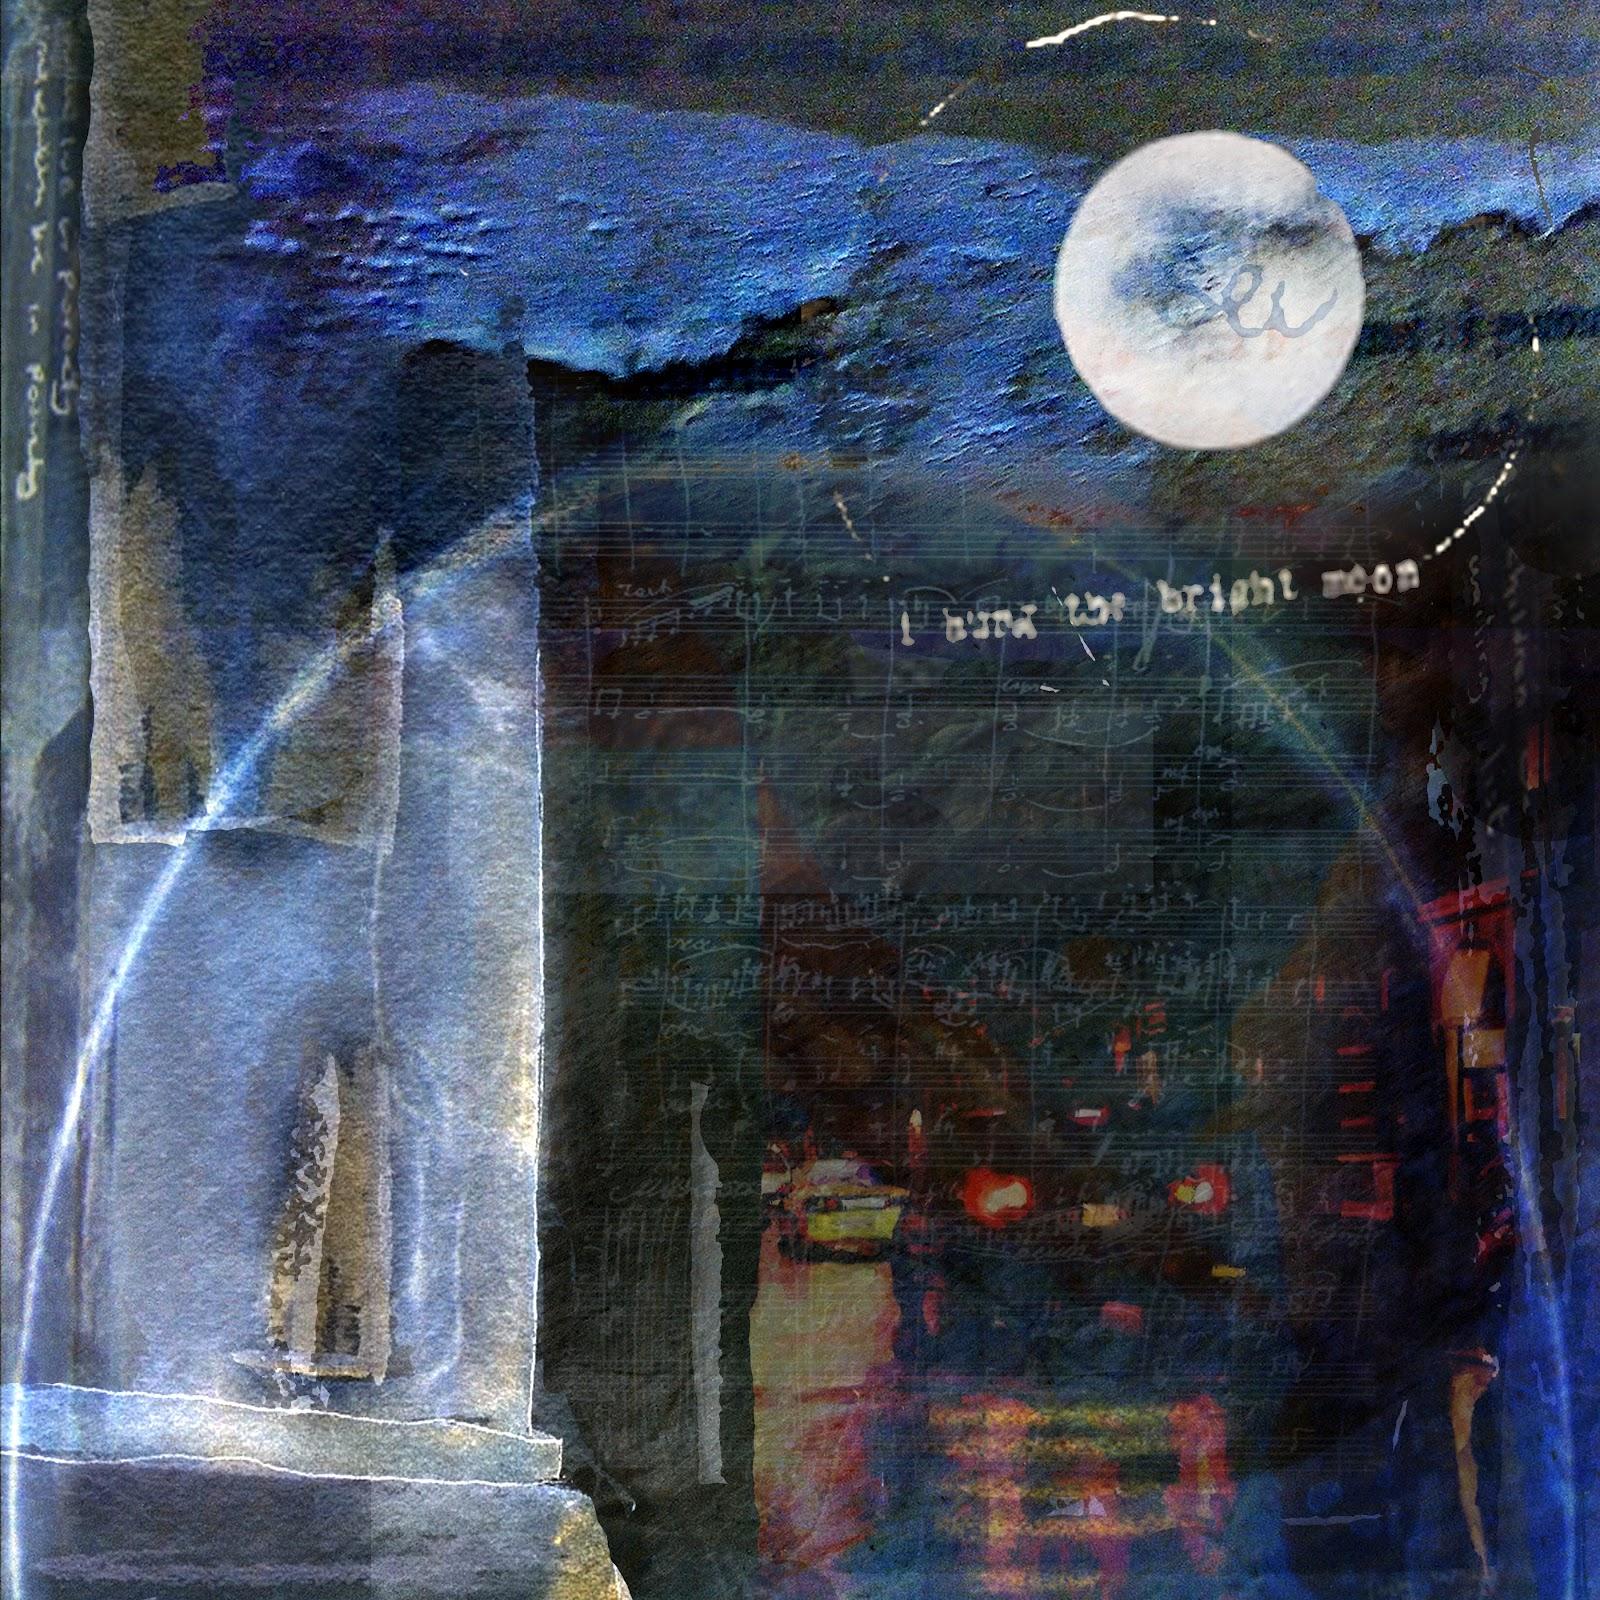 http://1.bp.blogspot.com/-ubp5iGNRSBY/UEvFoFEPG6I/AAAAAAAAF5Y/hmvXNoNUlY0/s1600/I+Hung+the+Birght+Moon+2.jpg